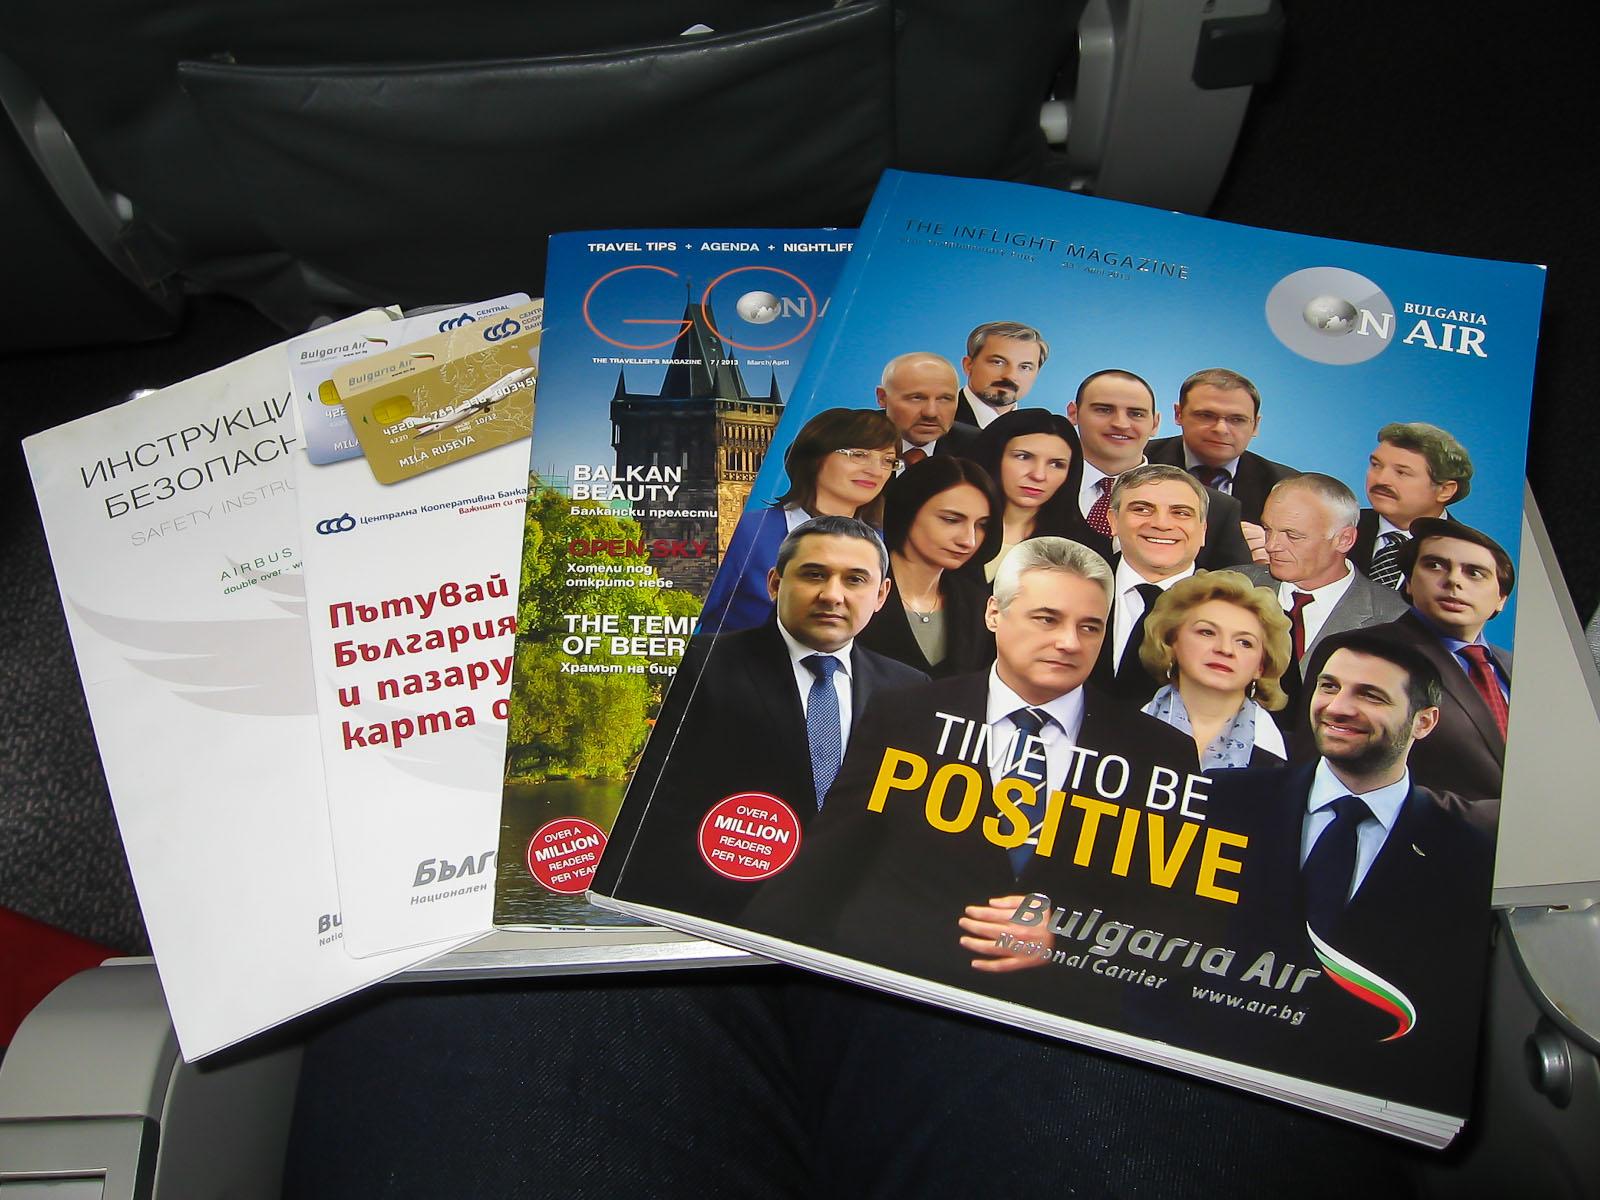 Журнал для пассажиров авиакомпании Bulgaria Air